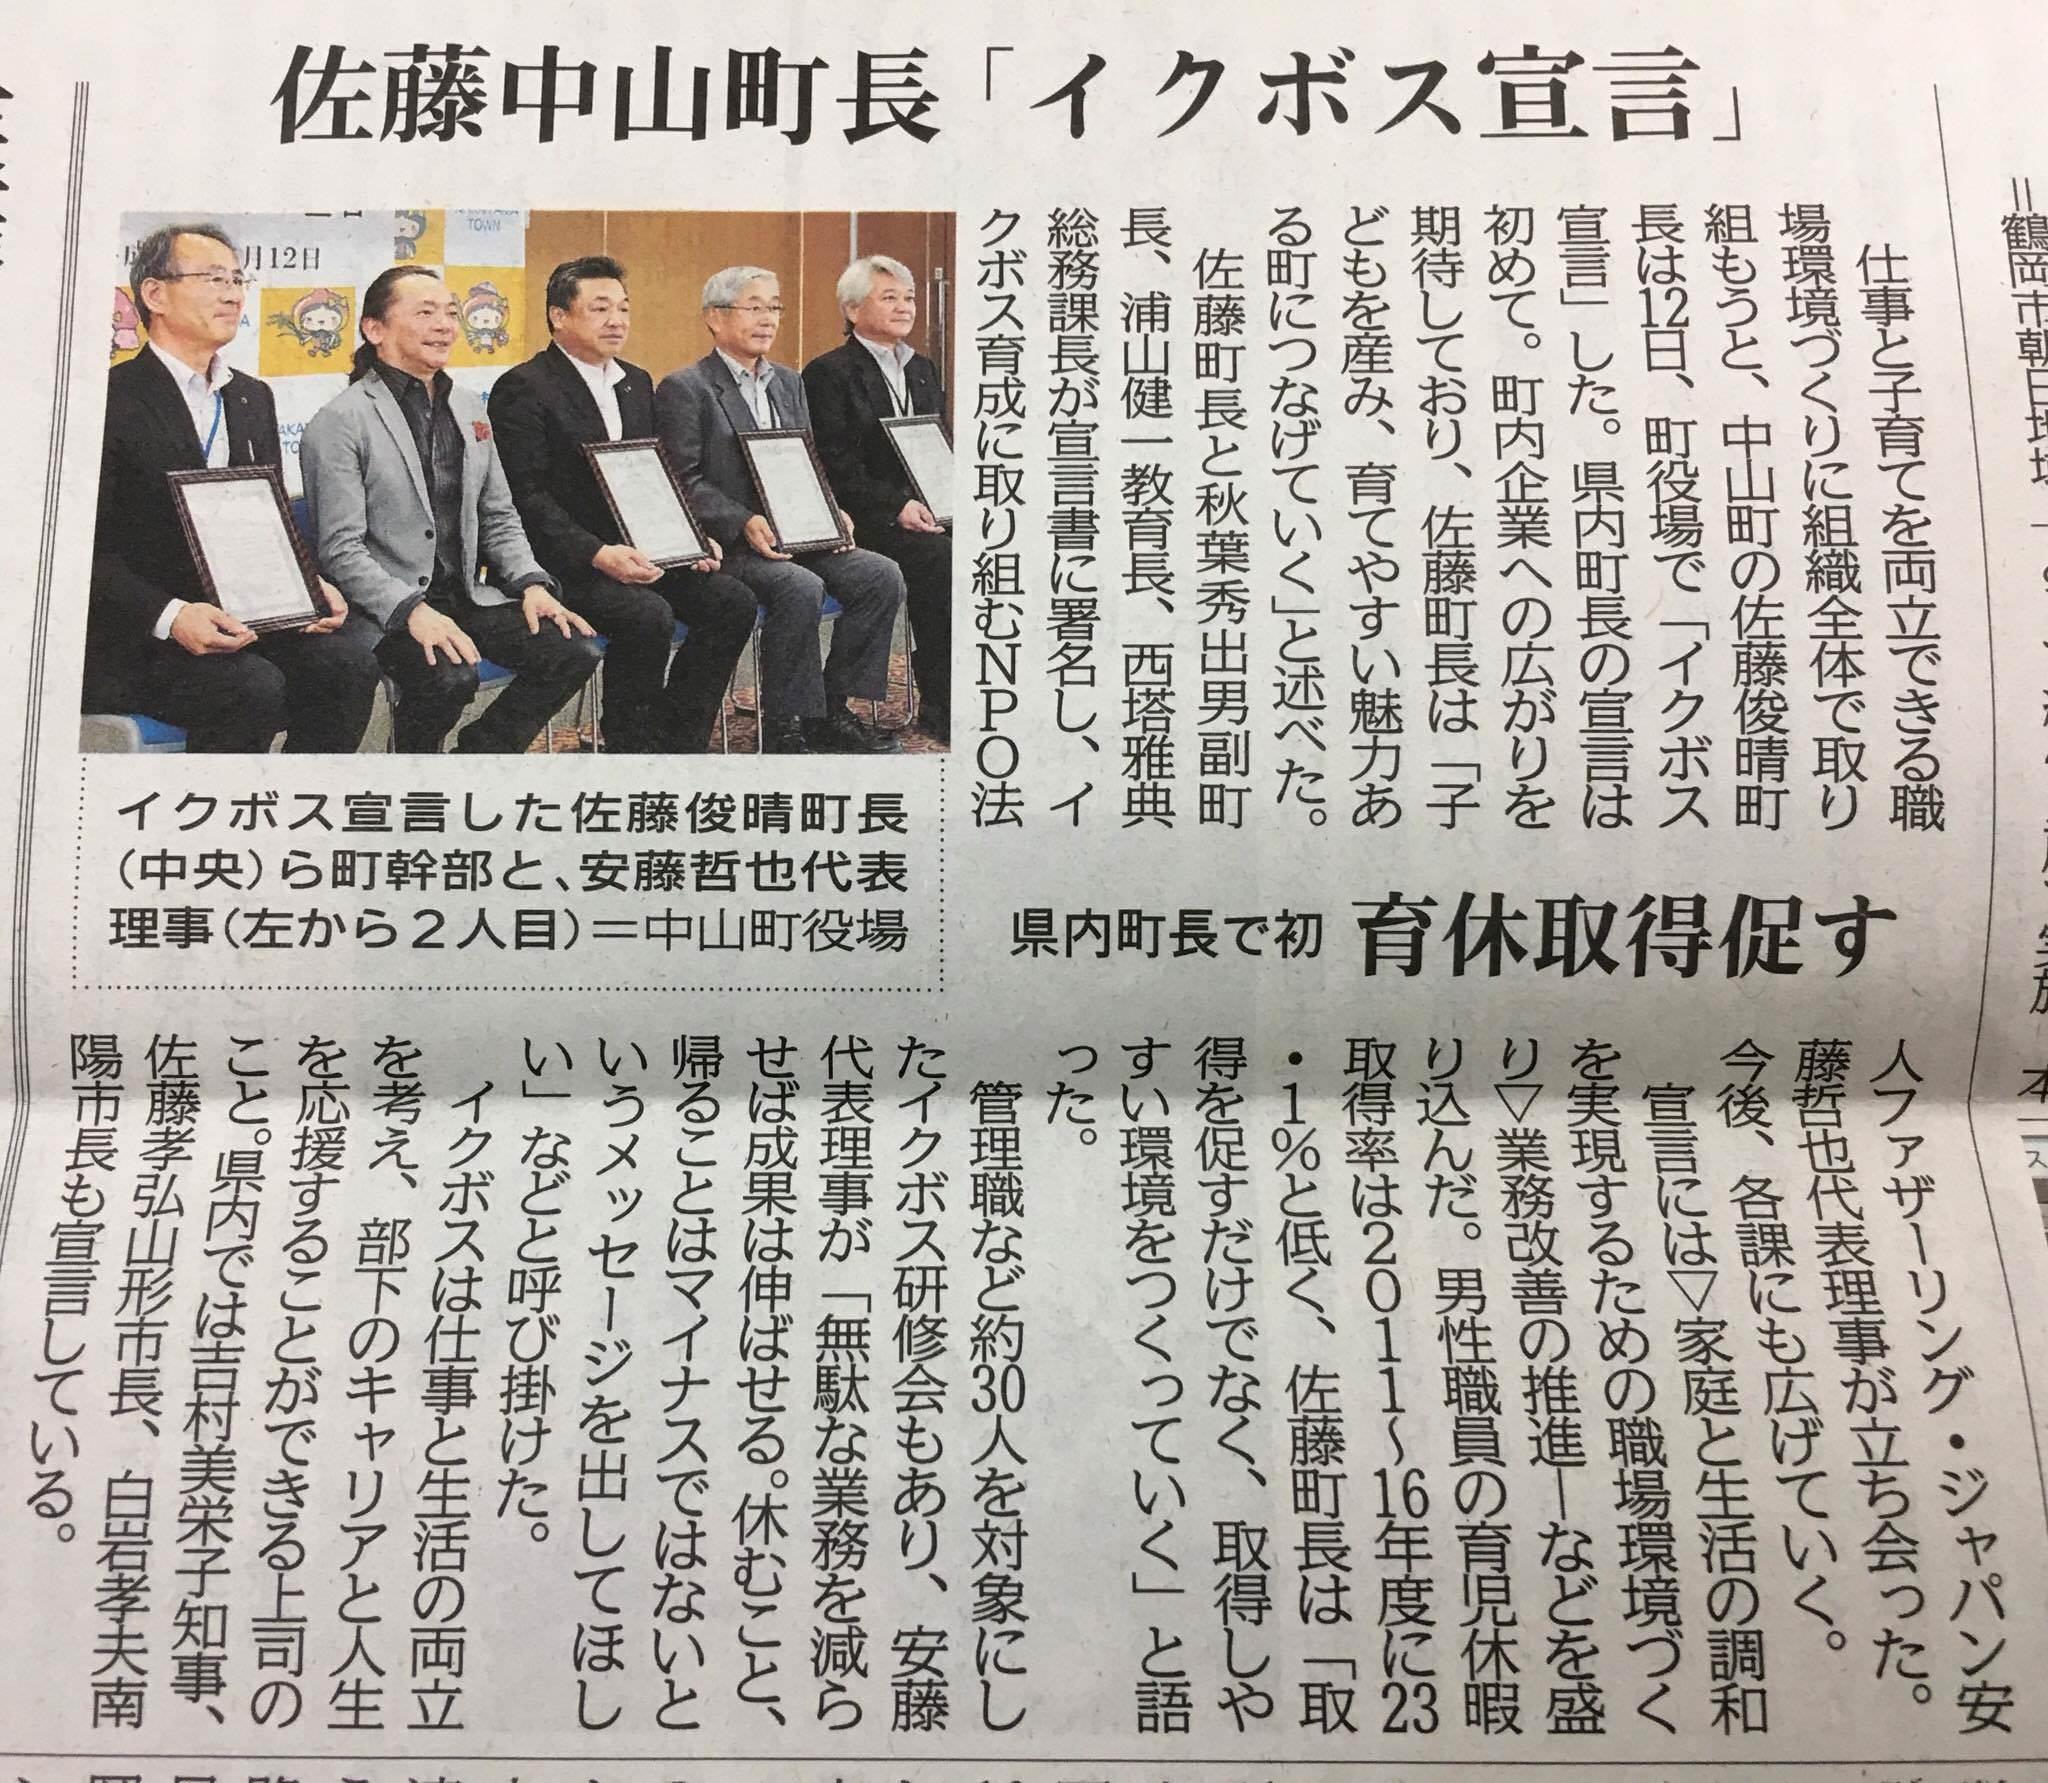 【イクボス宣言】山形県の中山町にて町長はじめ幹部4名がイクボス宣言